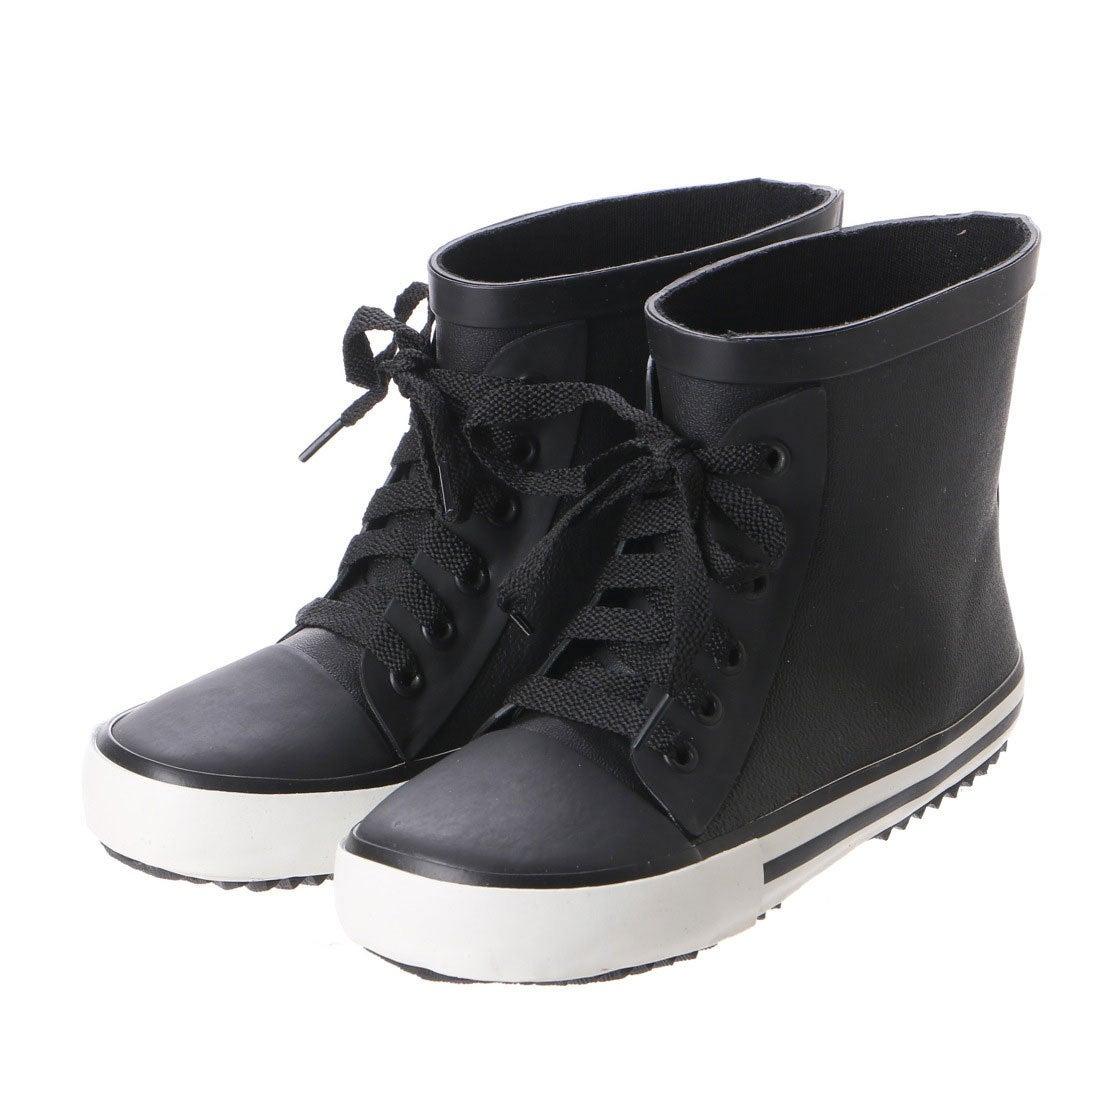 258198e214ea0 コムサイズム COMME CA ISM レインスニーカー(キッズサイズ) (ブラック) -靴&ファッション通販 ロコンド〜自宅で試着、気軽に返品